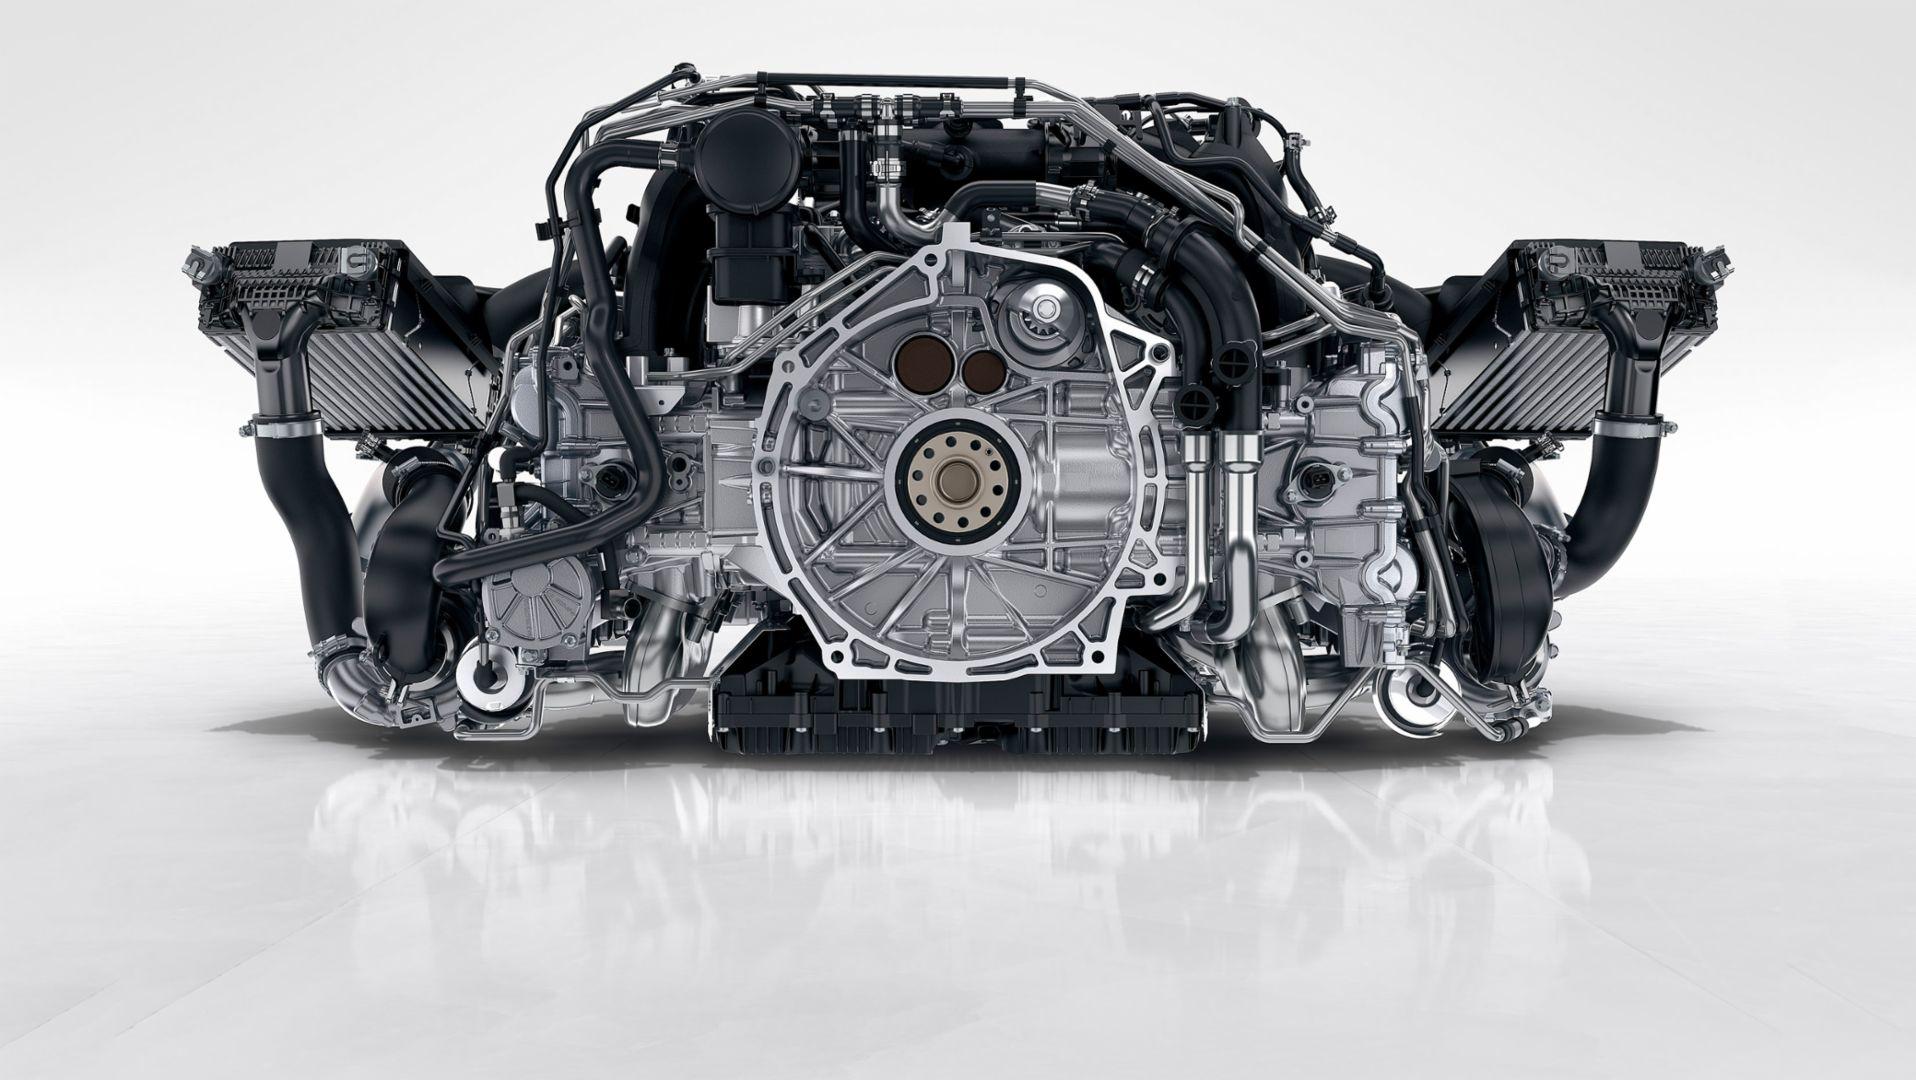 Porsche 911 carrera engine